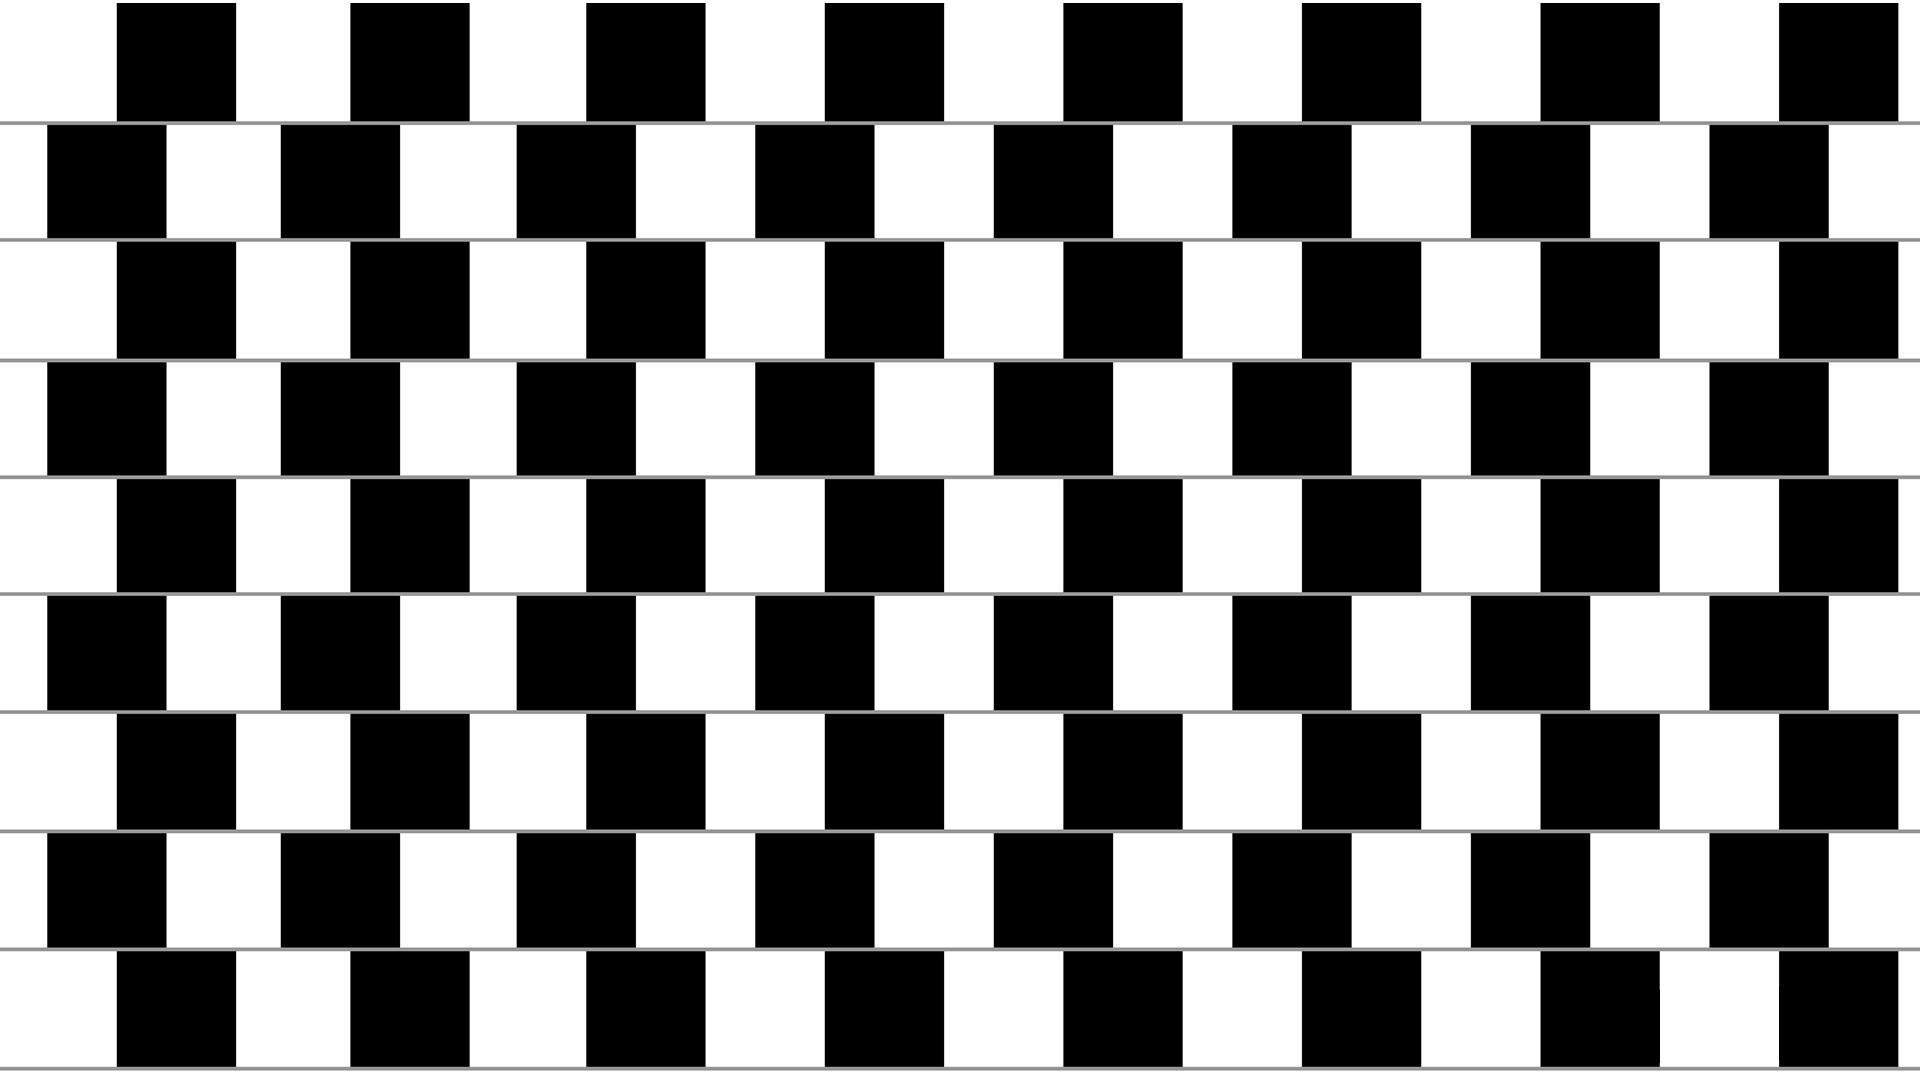 вам понравились черно белые картинки по горизонтали узнать где